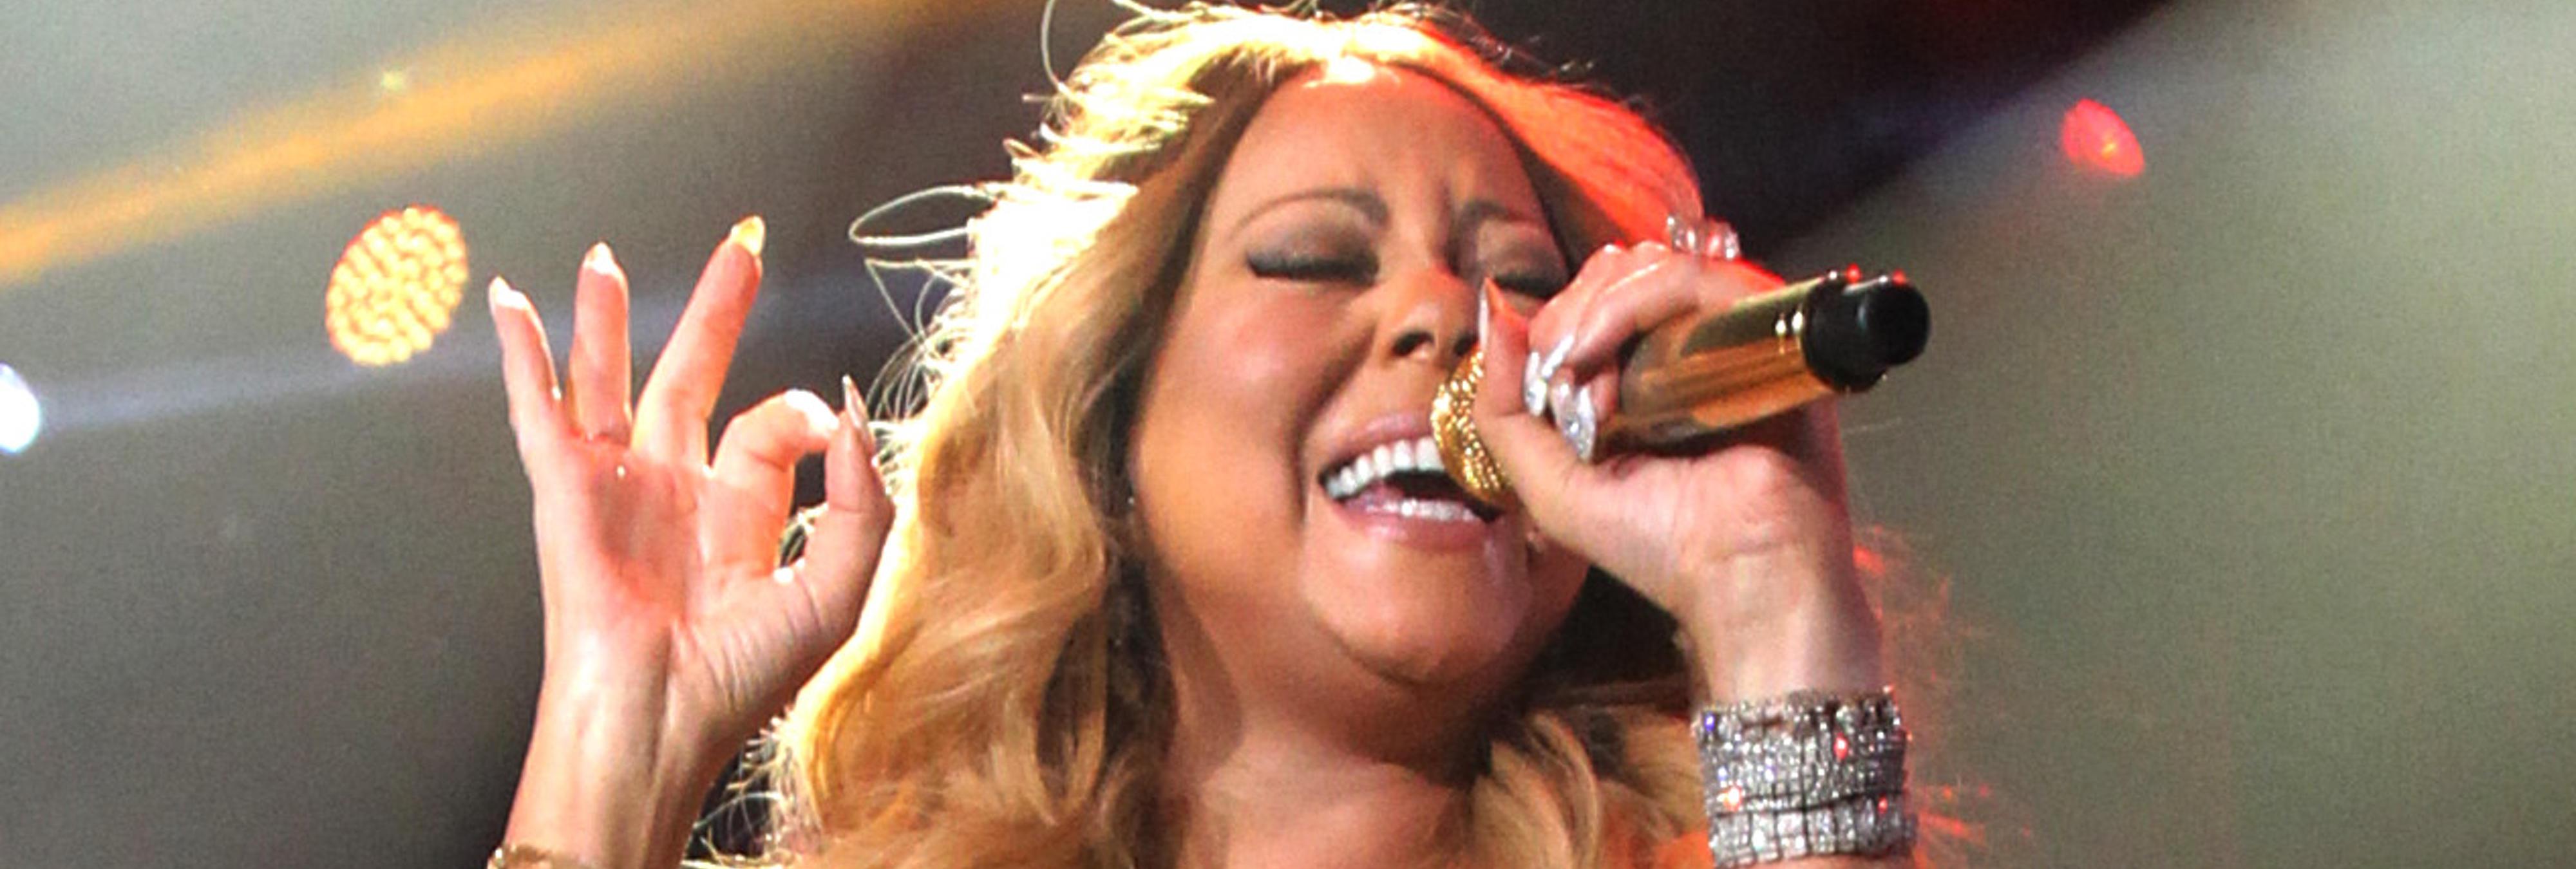 Mariah Carey lanza un portátil por la ventana porque sonaba una canción de Beyoncé